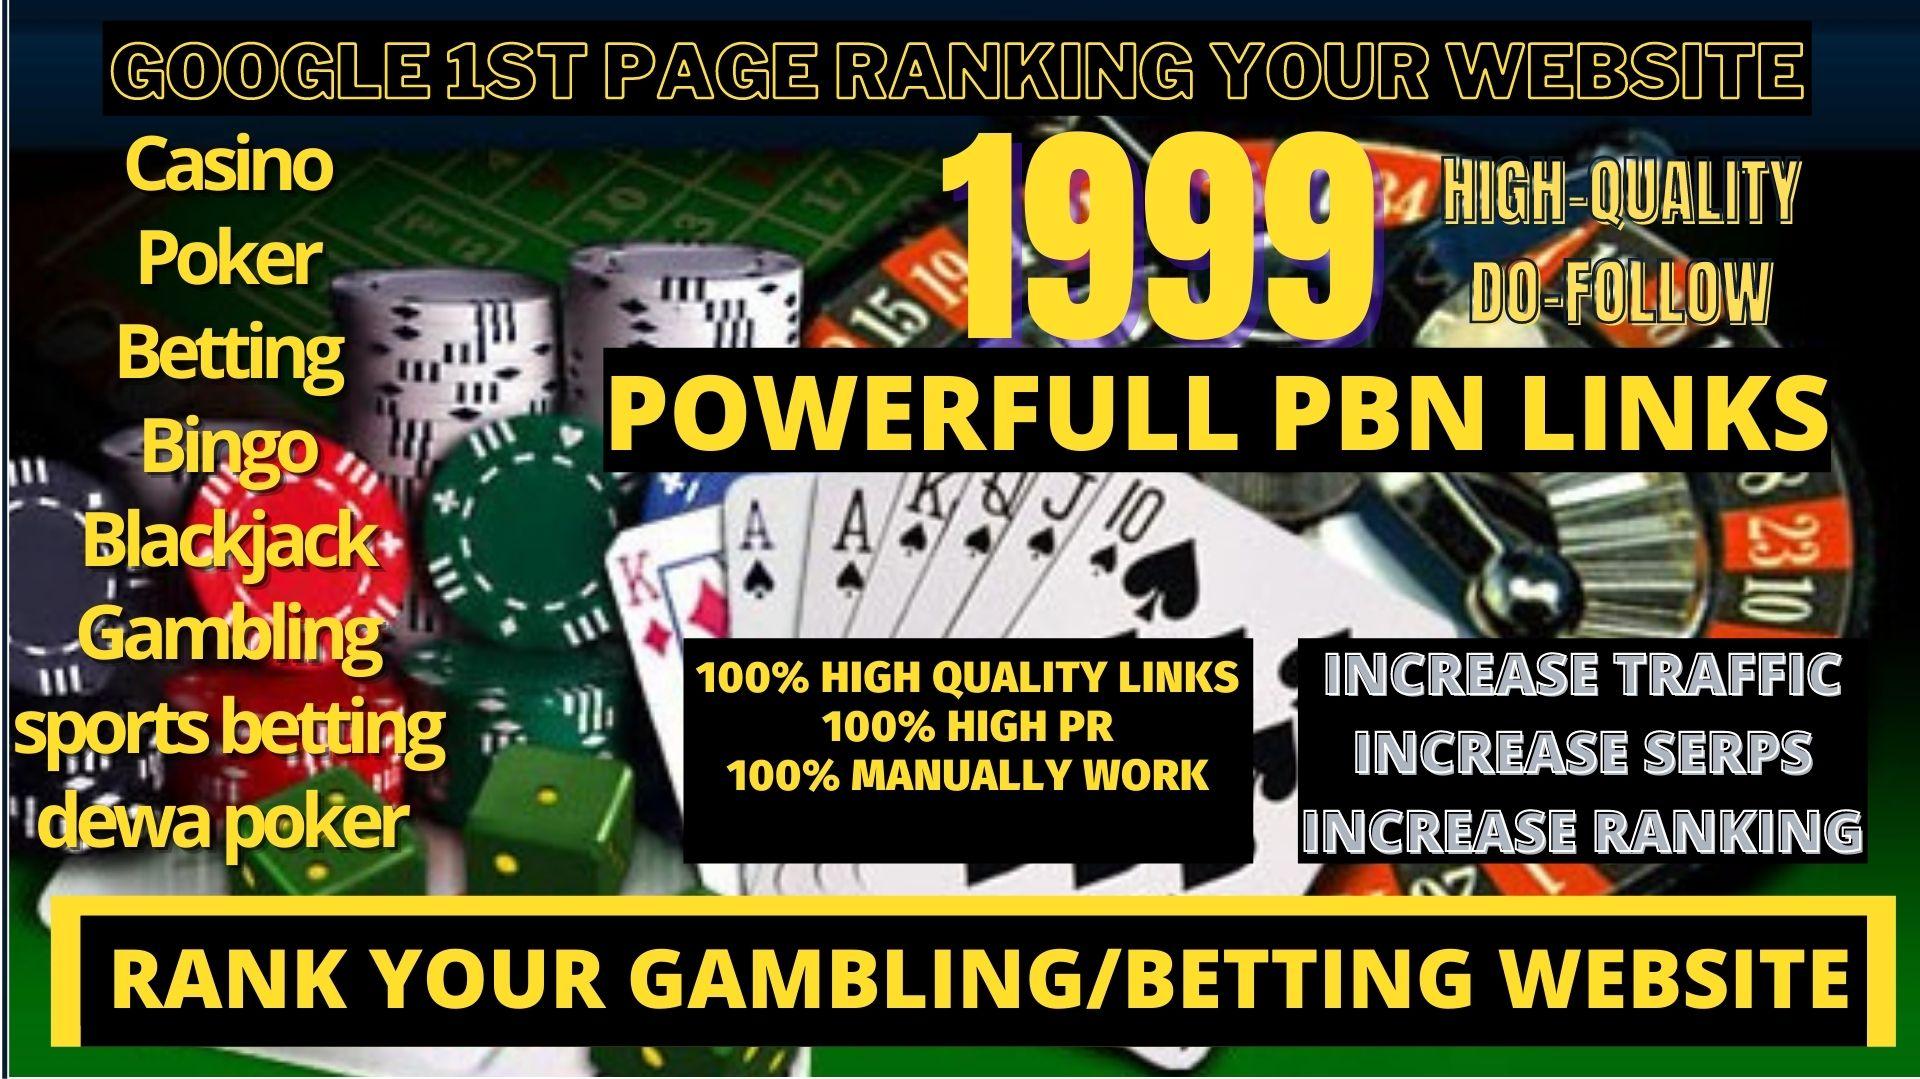 1999+Parmanent CASINO/POKER/Gambling/Sports Betting/judi bola DA 40+PA 40+PR 5+ related unique site